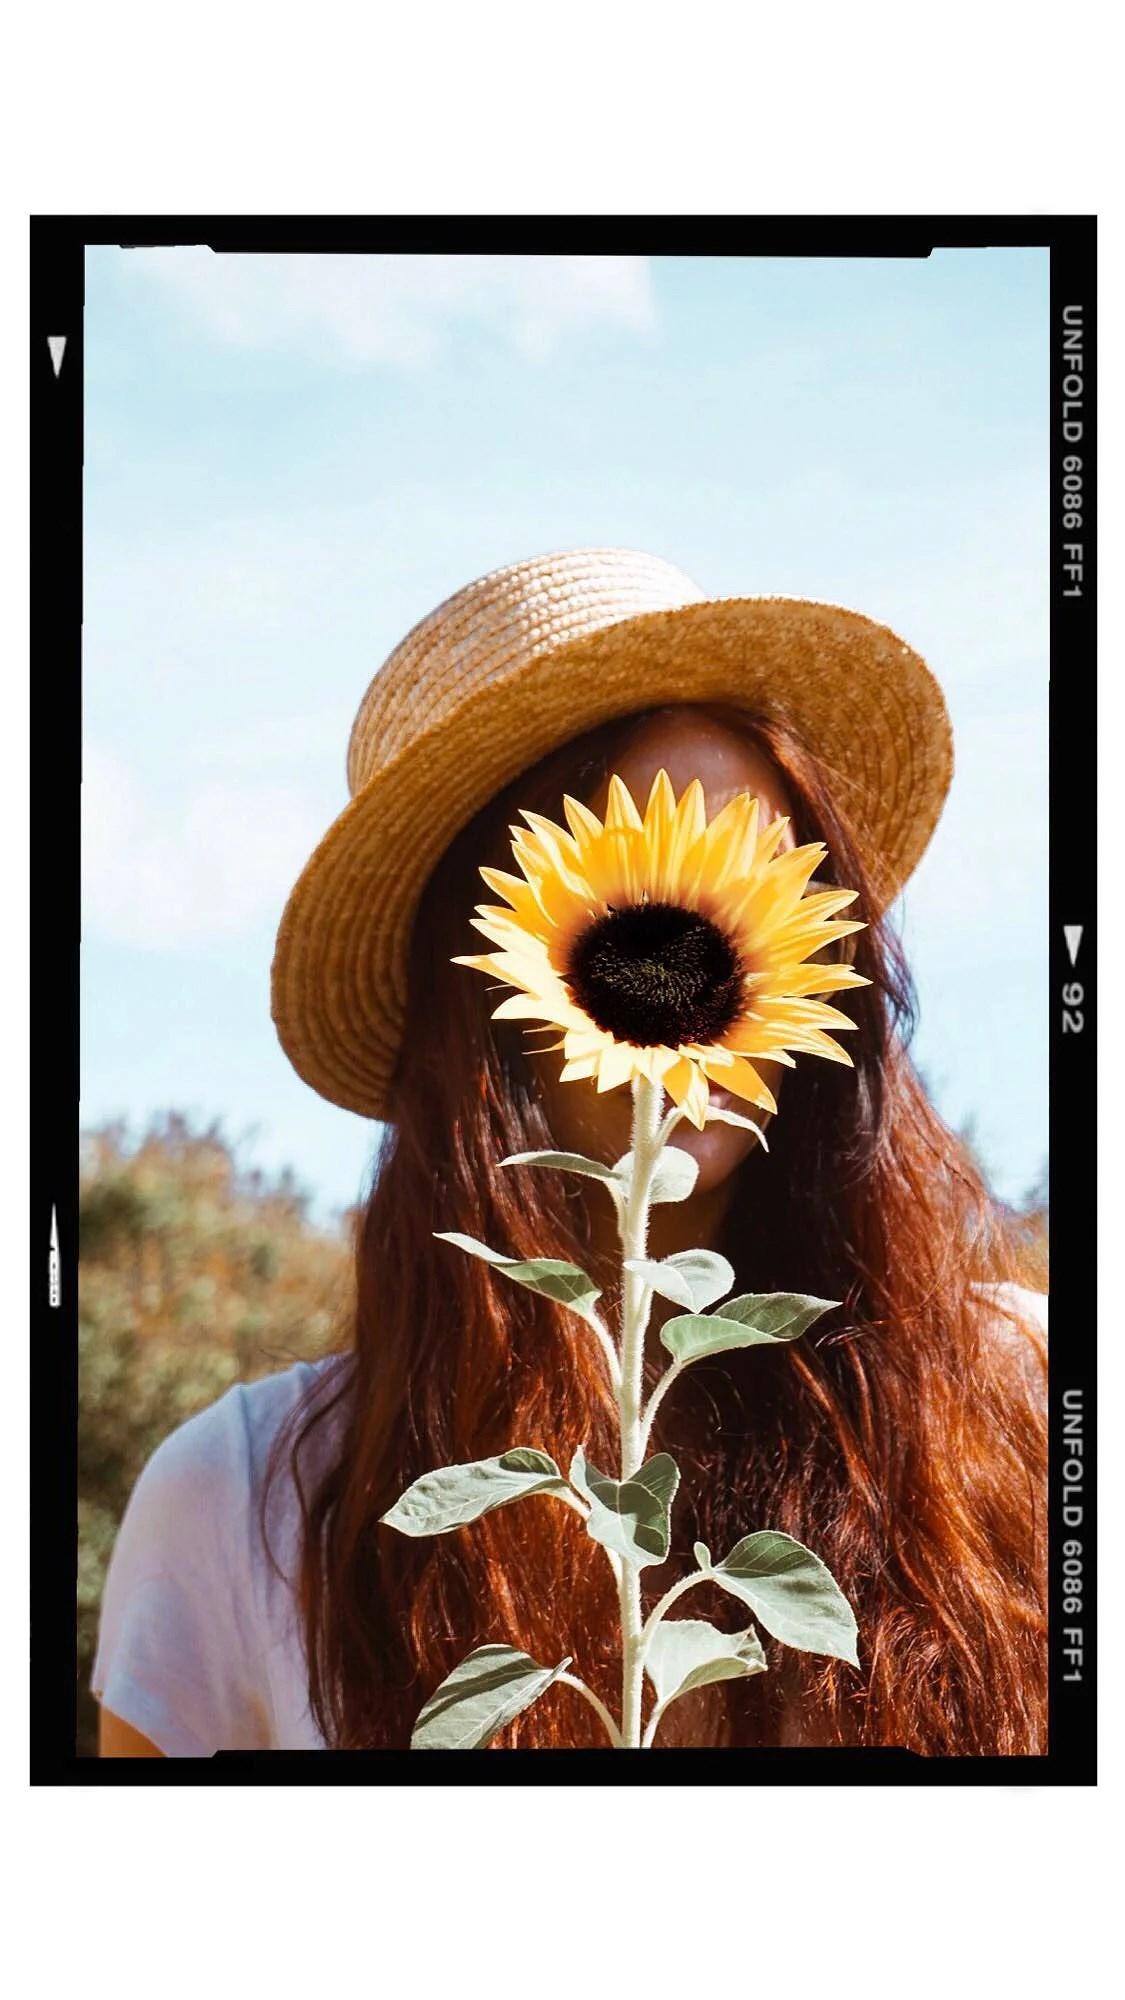 Snapshots in the sun